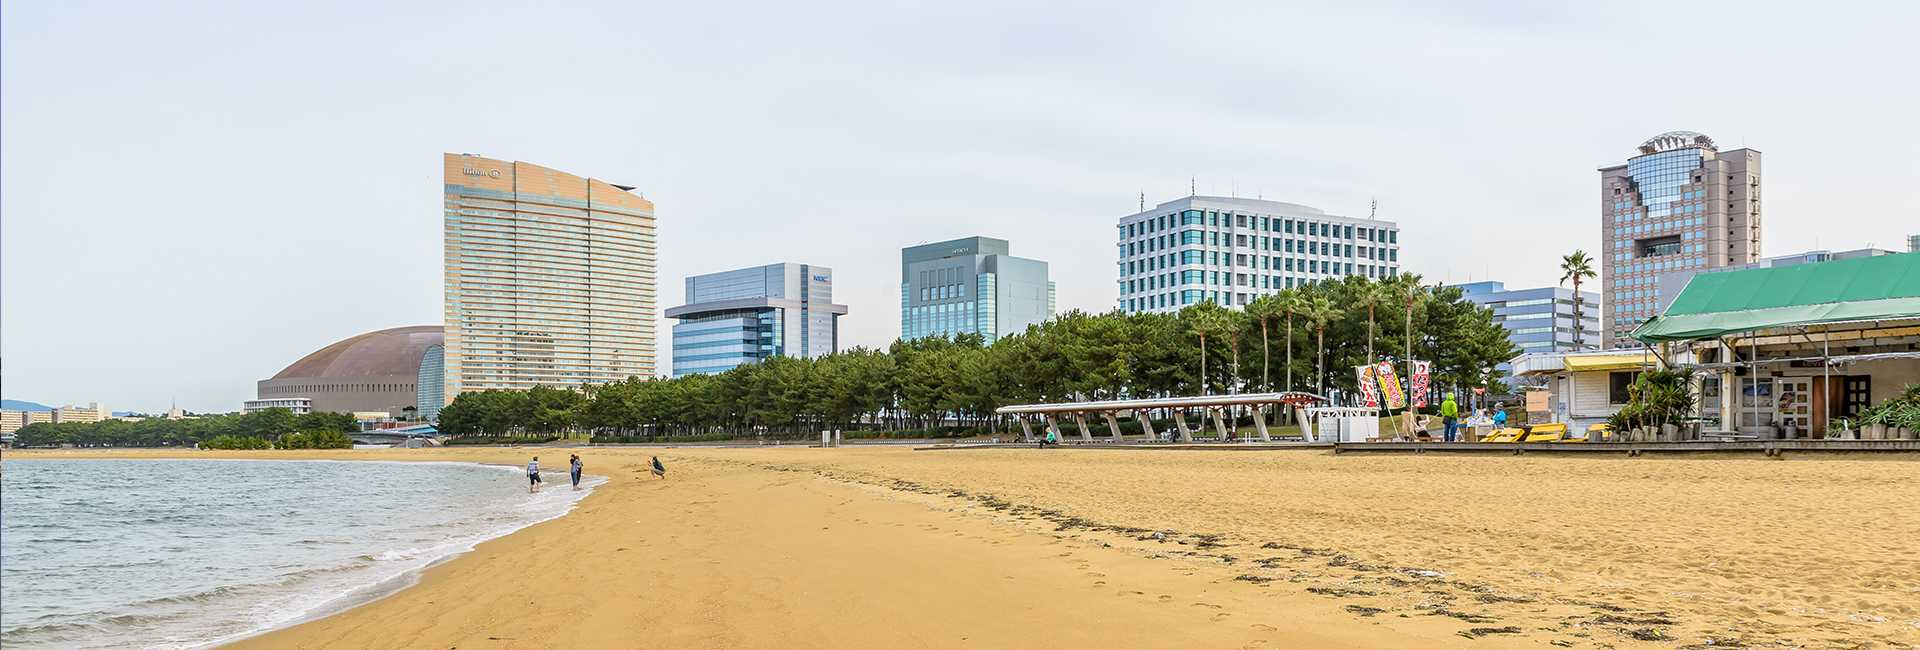 une plage à Fukuoka